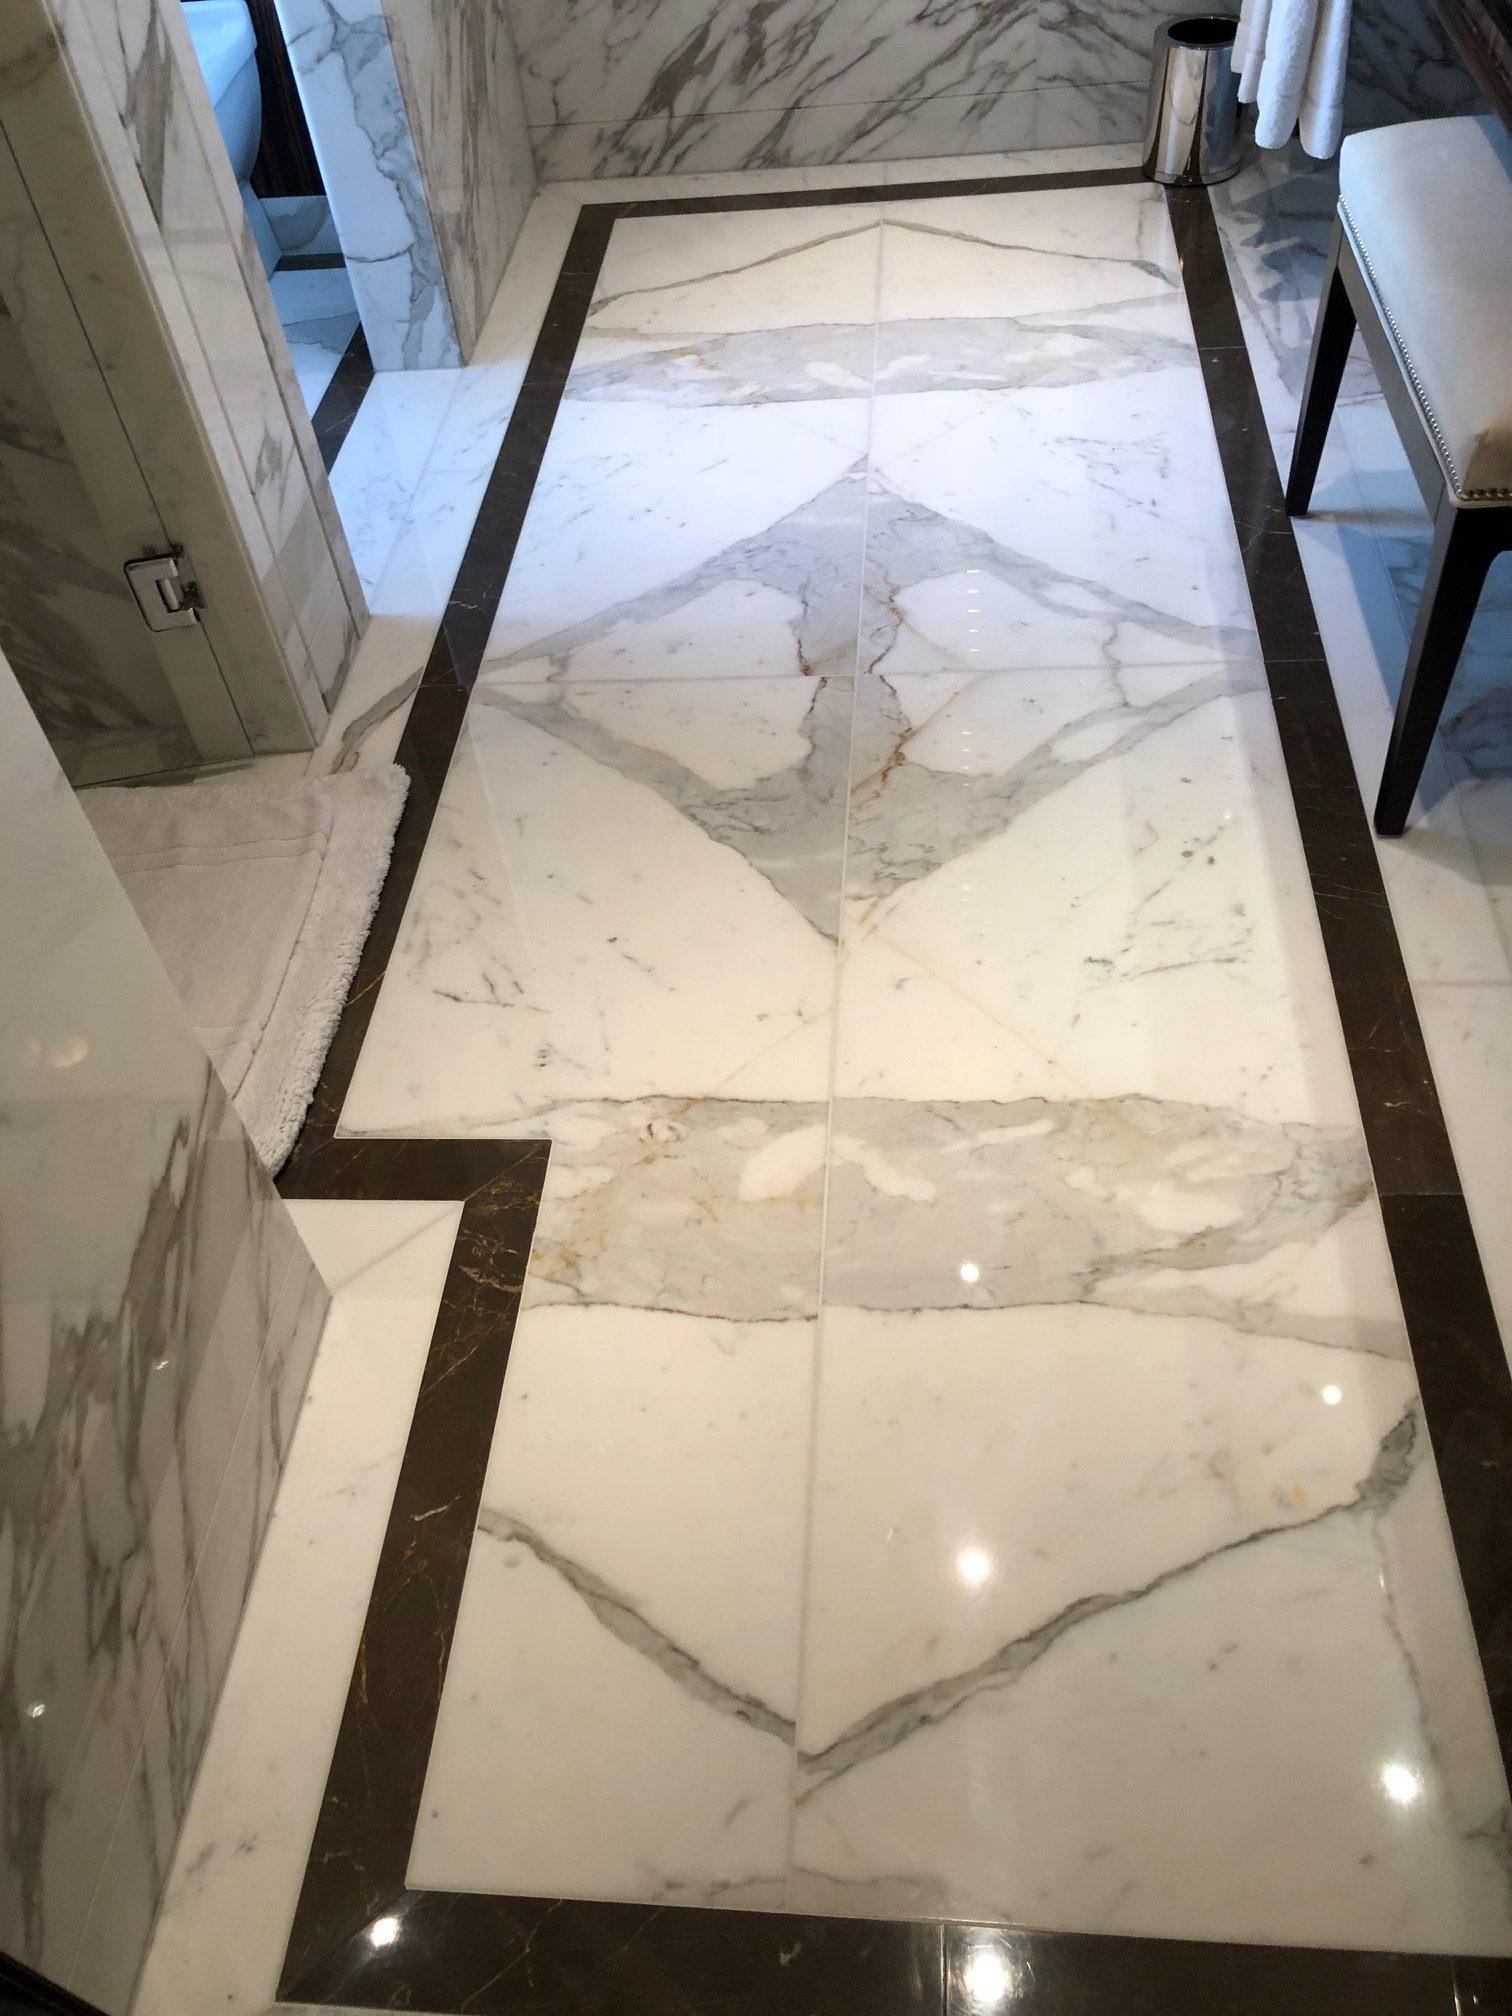 Marble hallway floor after polishing